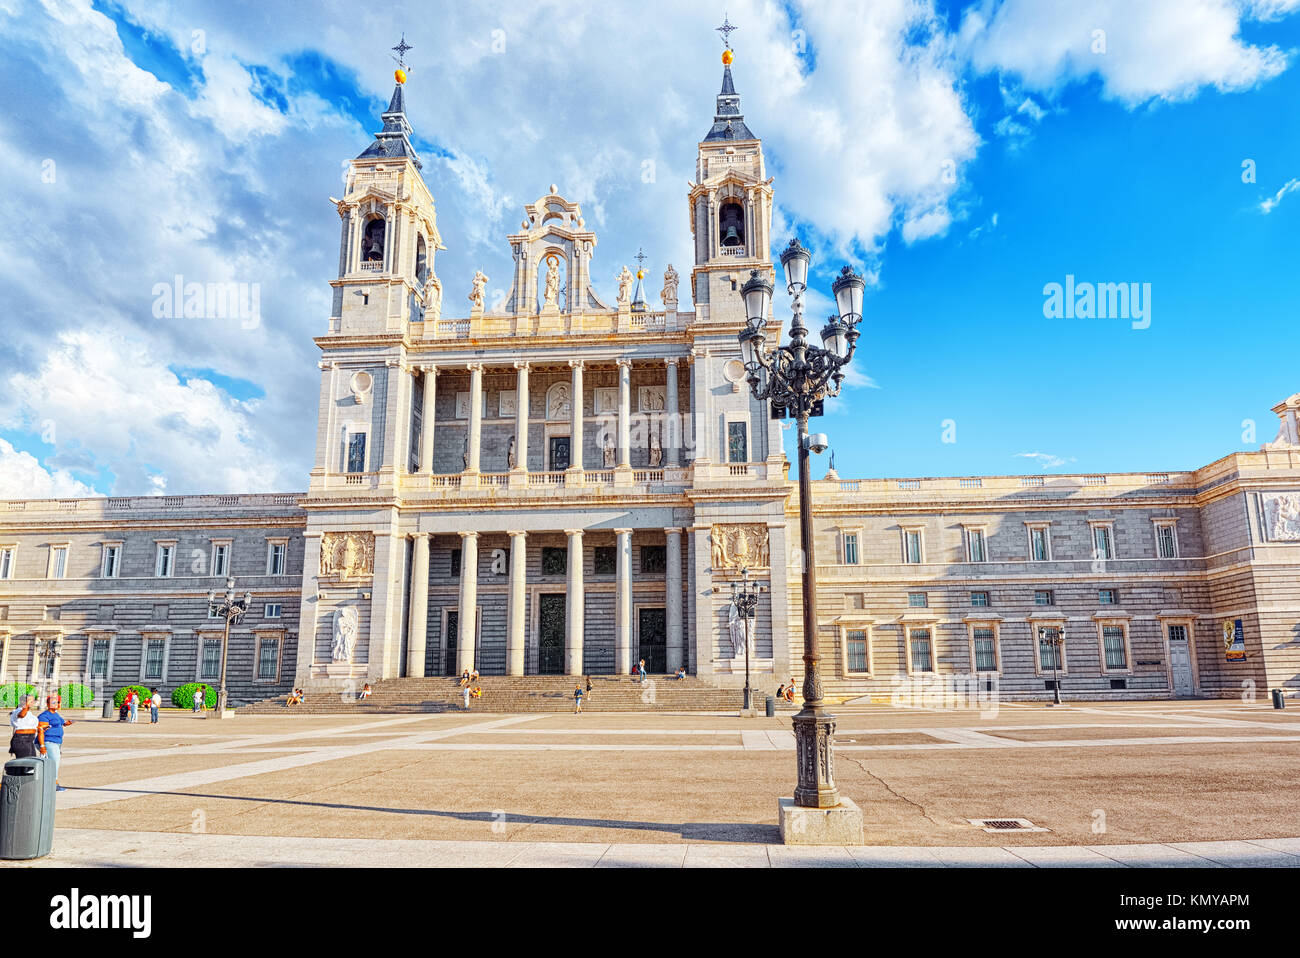 Madrid, España - Junio 04, 2017 : La Catedral de La Almudena (Catedral de Santa María la Real de la Almudena) Imagen De Stock